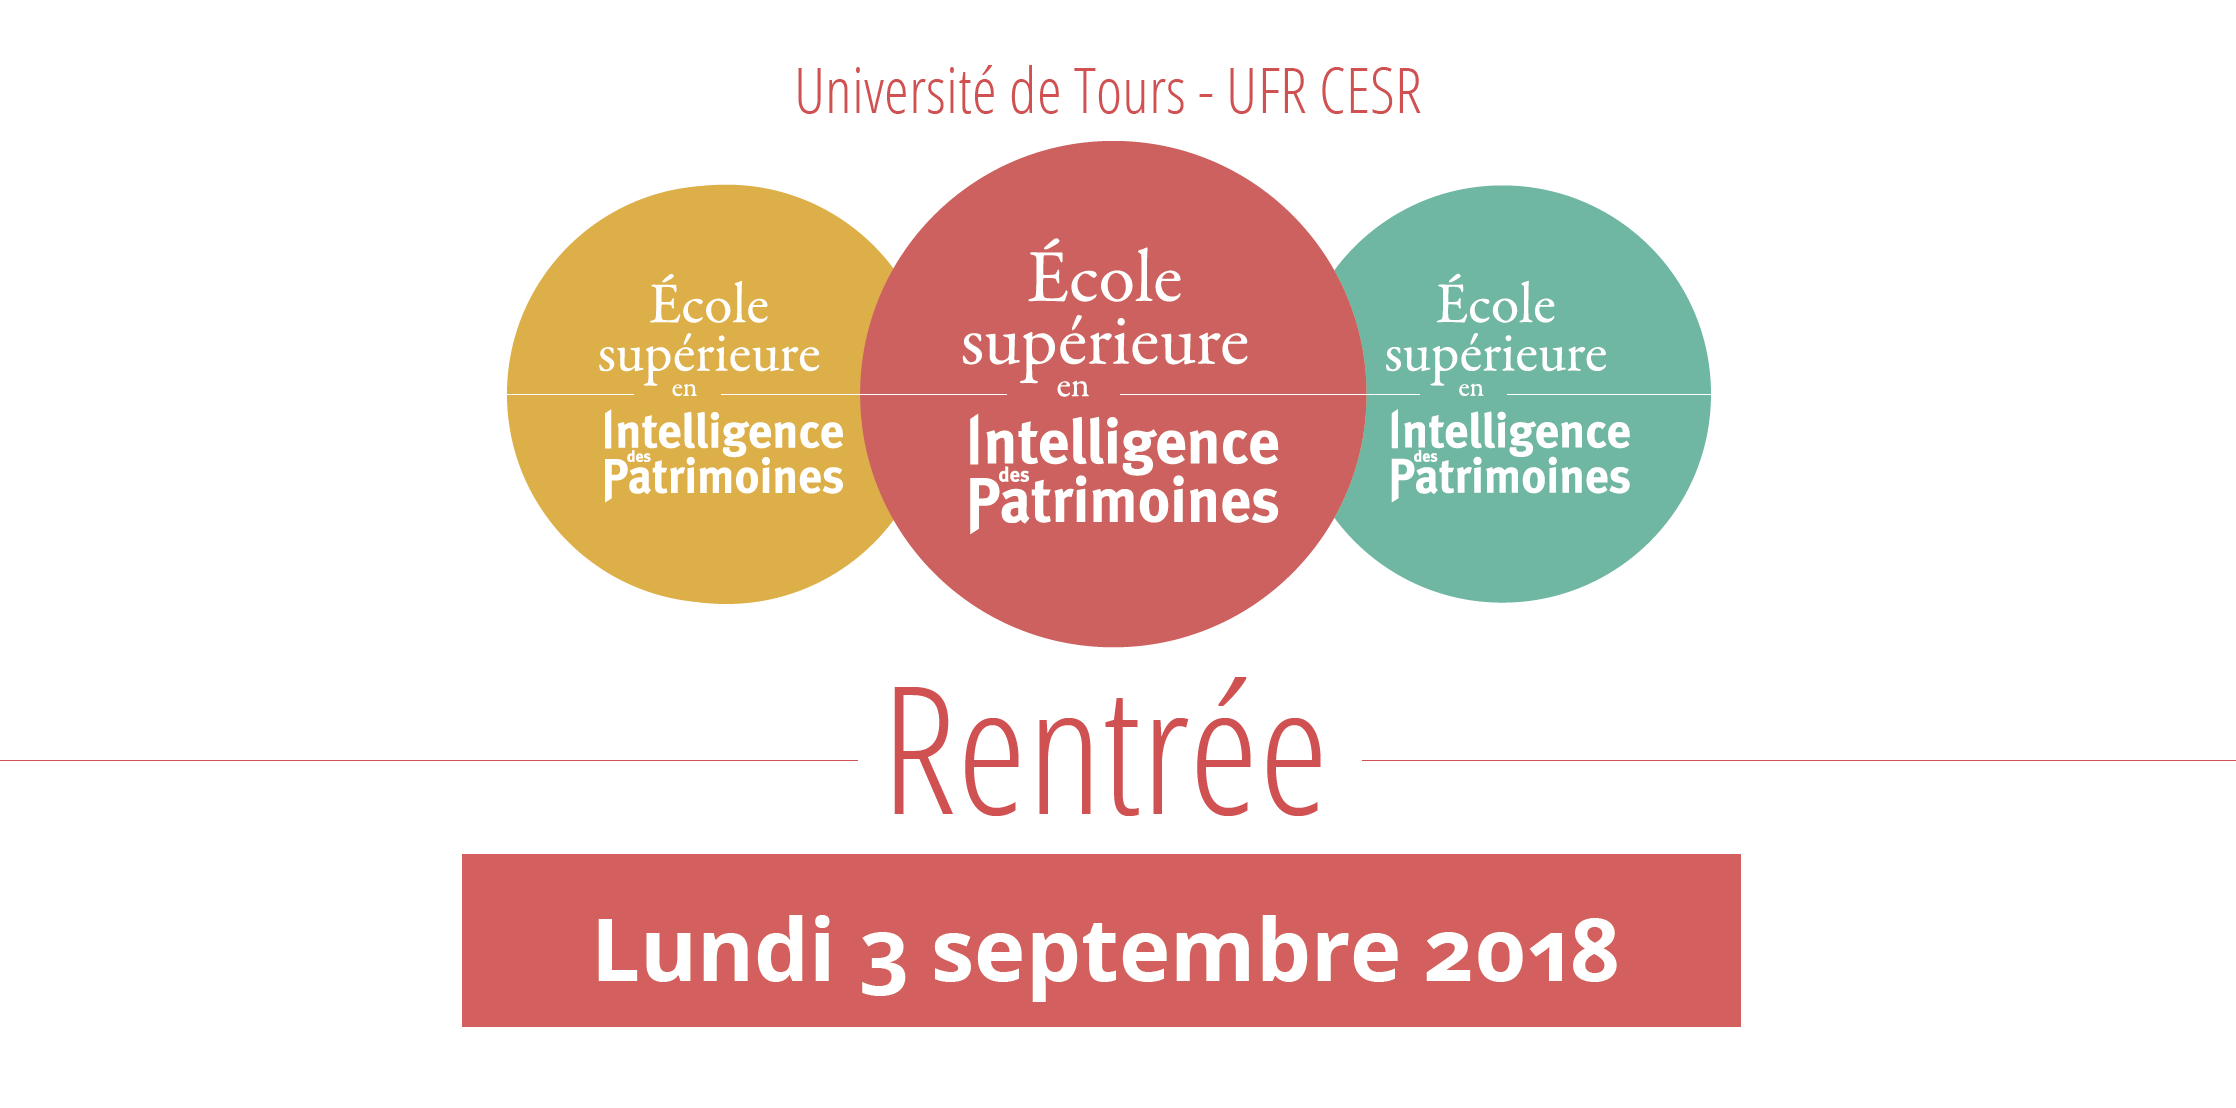 Rentrée 2018 – École Supérieure en Intelligence des Patrimoines (lundi 3 septembre)